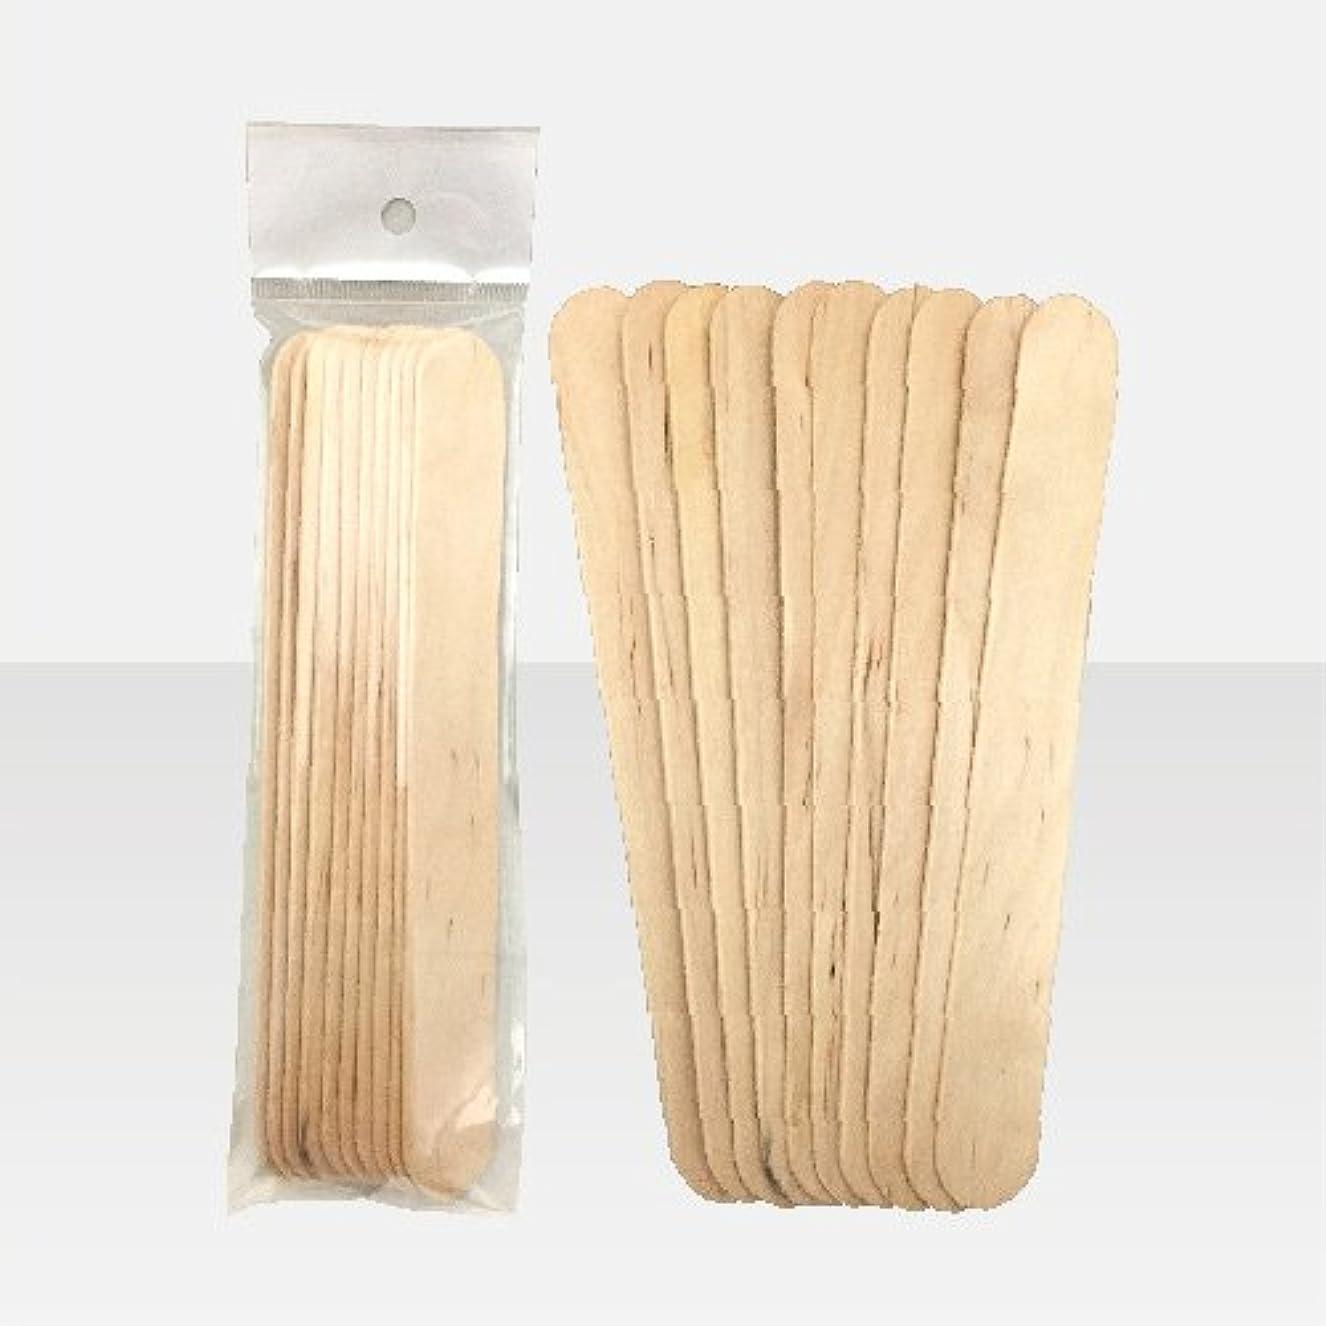 ペースト適性話ブラジリアンワックス 脱毛ワックス用  ワックススパチュラ 木ベラ /10本セット Mサイズ